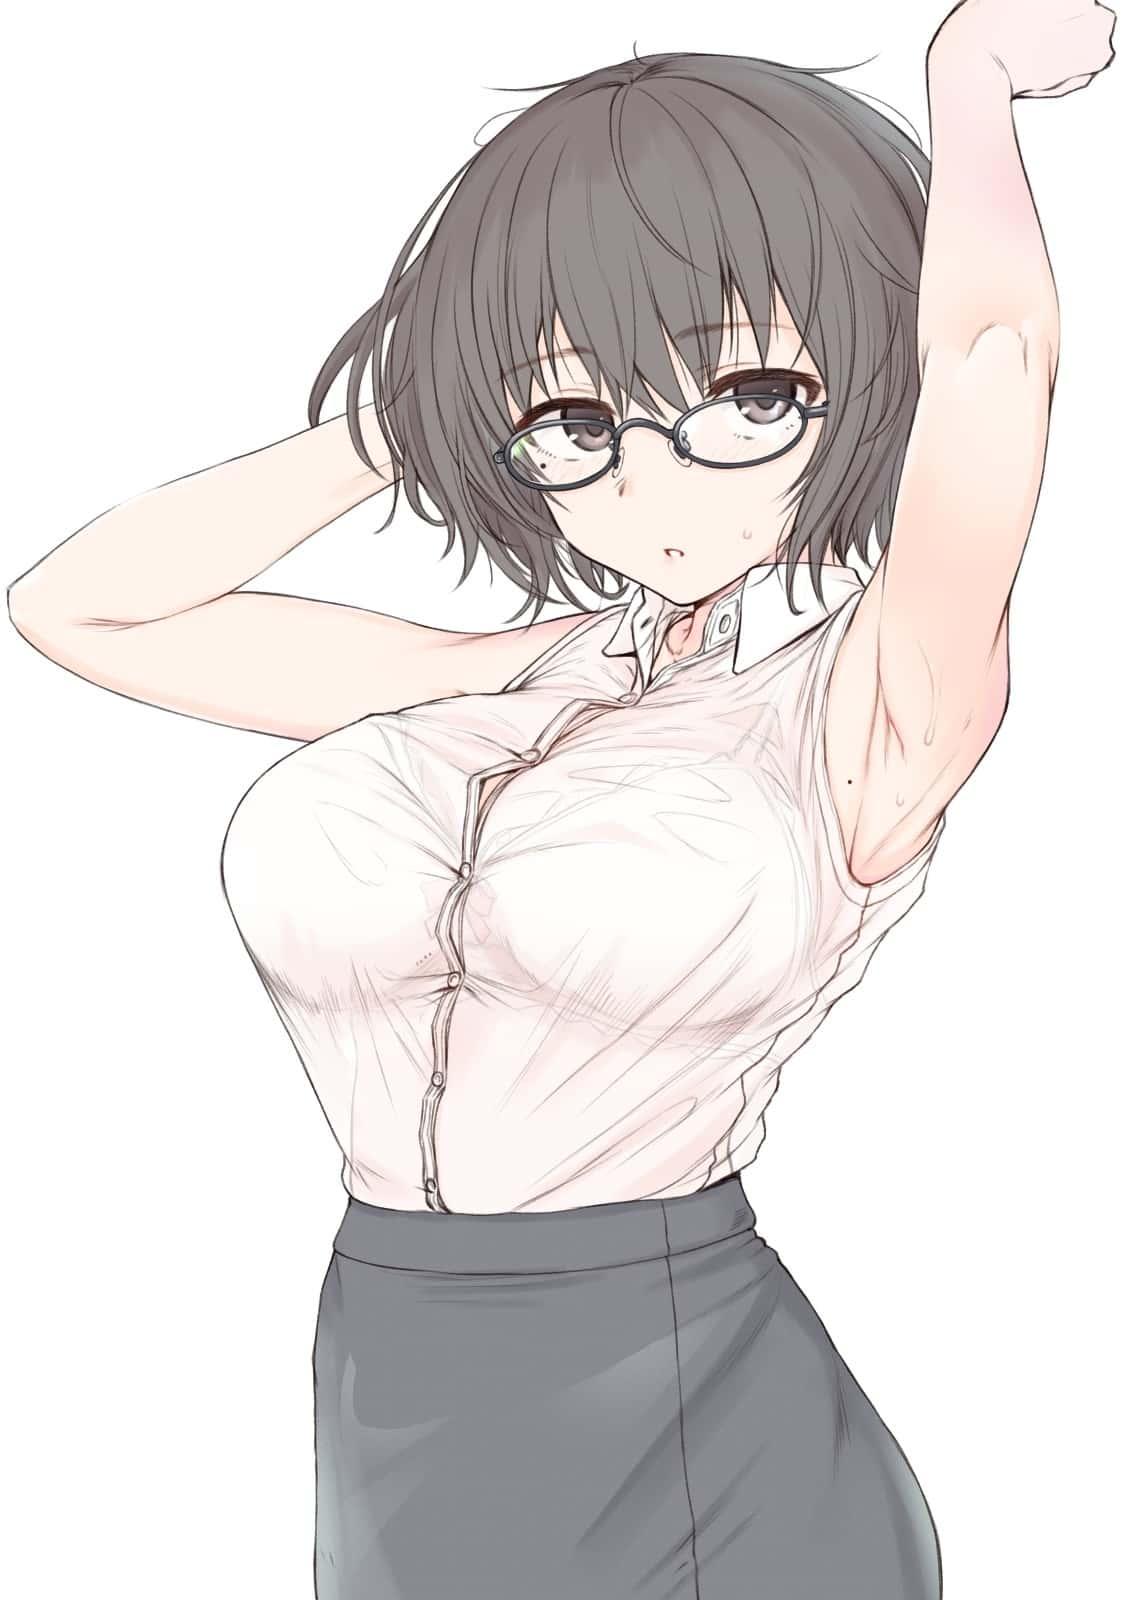 hentaim メガネ 美少女131 - 【フェチ】メガネ美少女ちゃんのエロ画像:イラスト その4